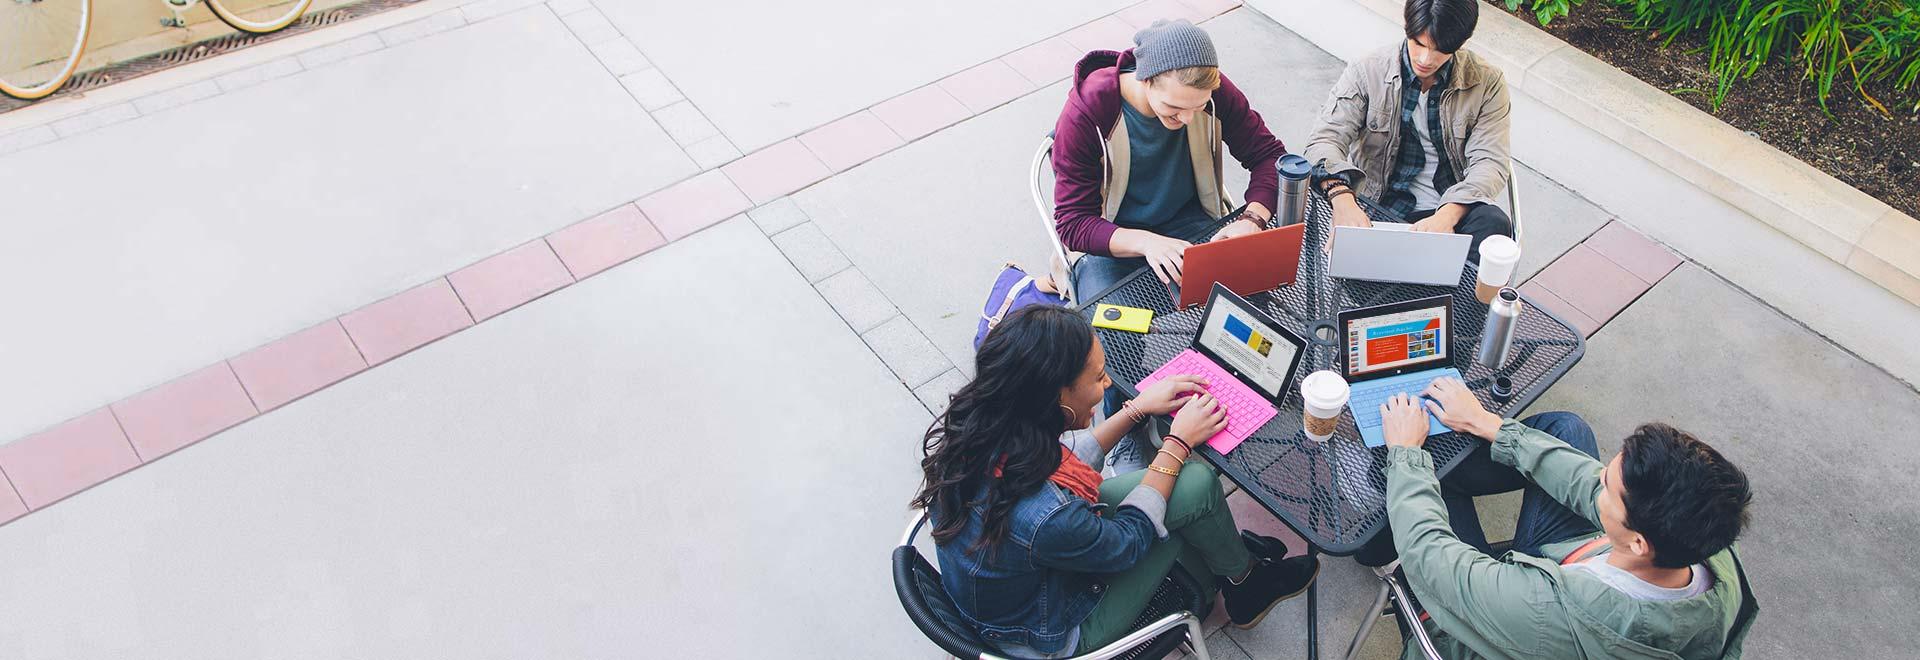 Quatro alunos sentados à mesa na área externa, usando o Office 365 educacional em tablets.